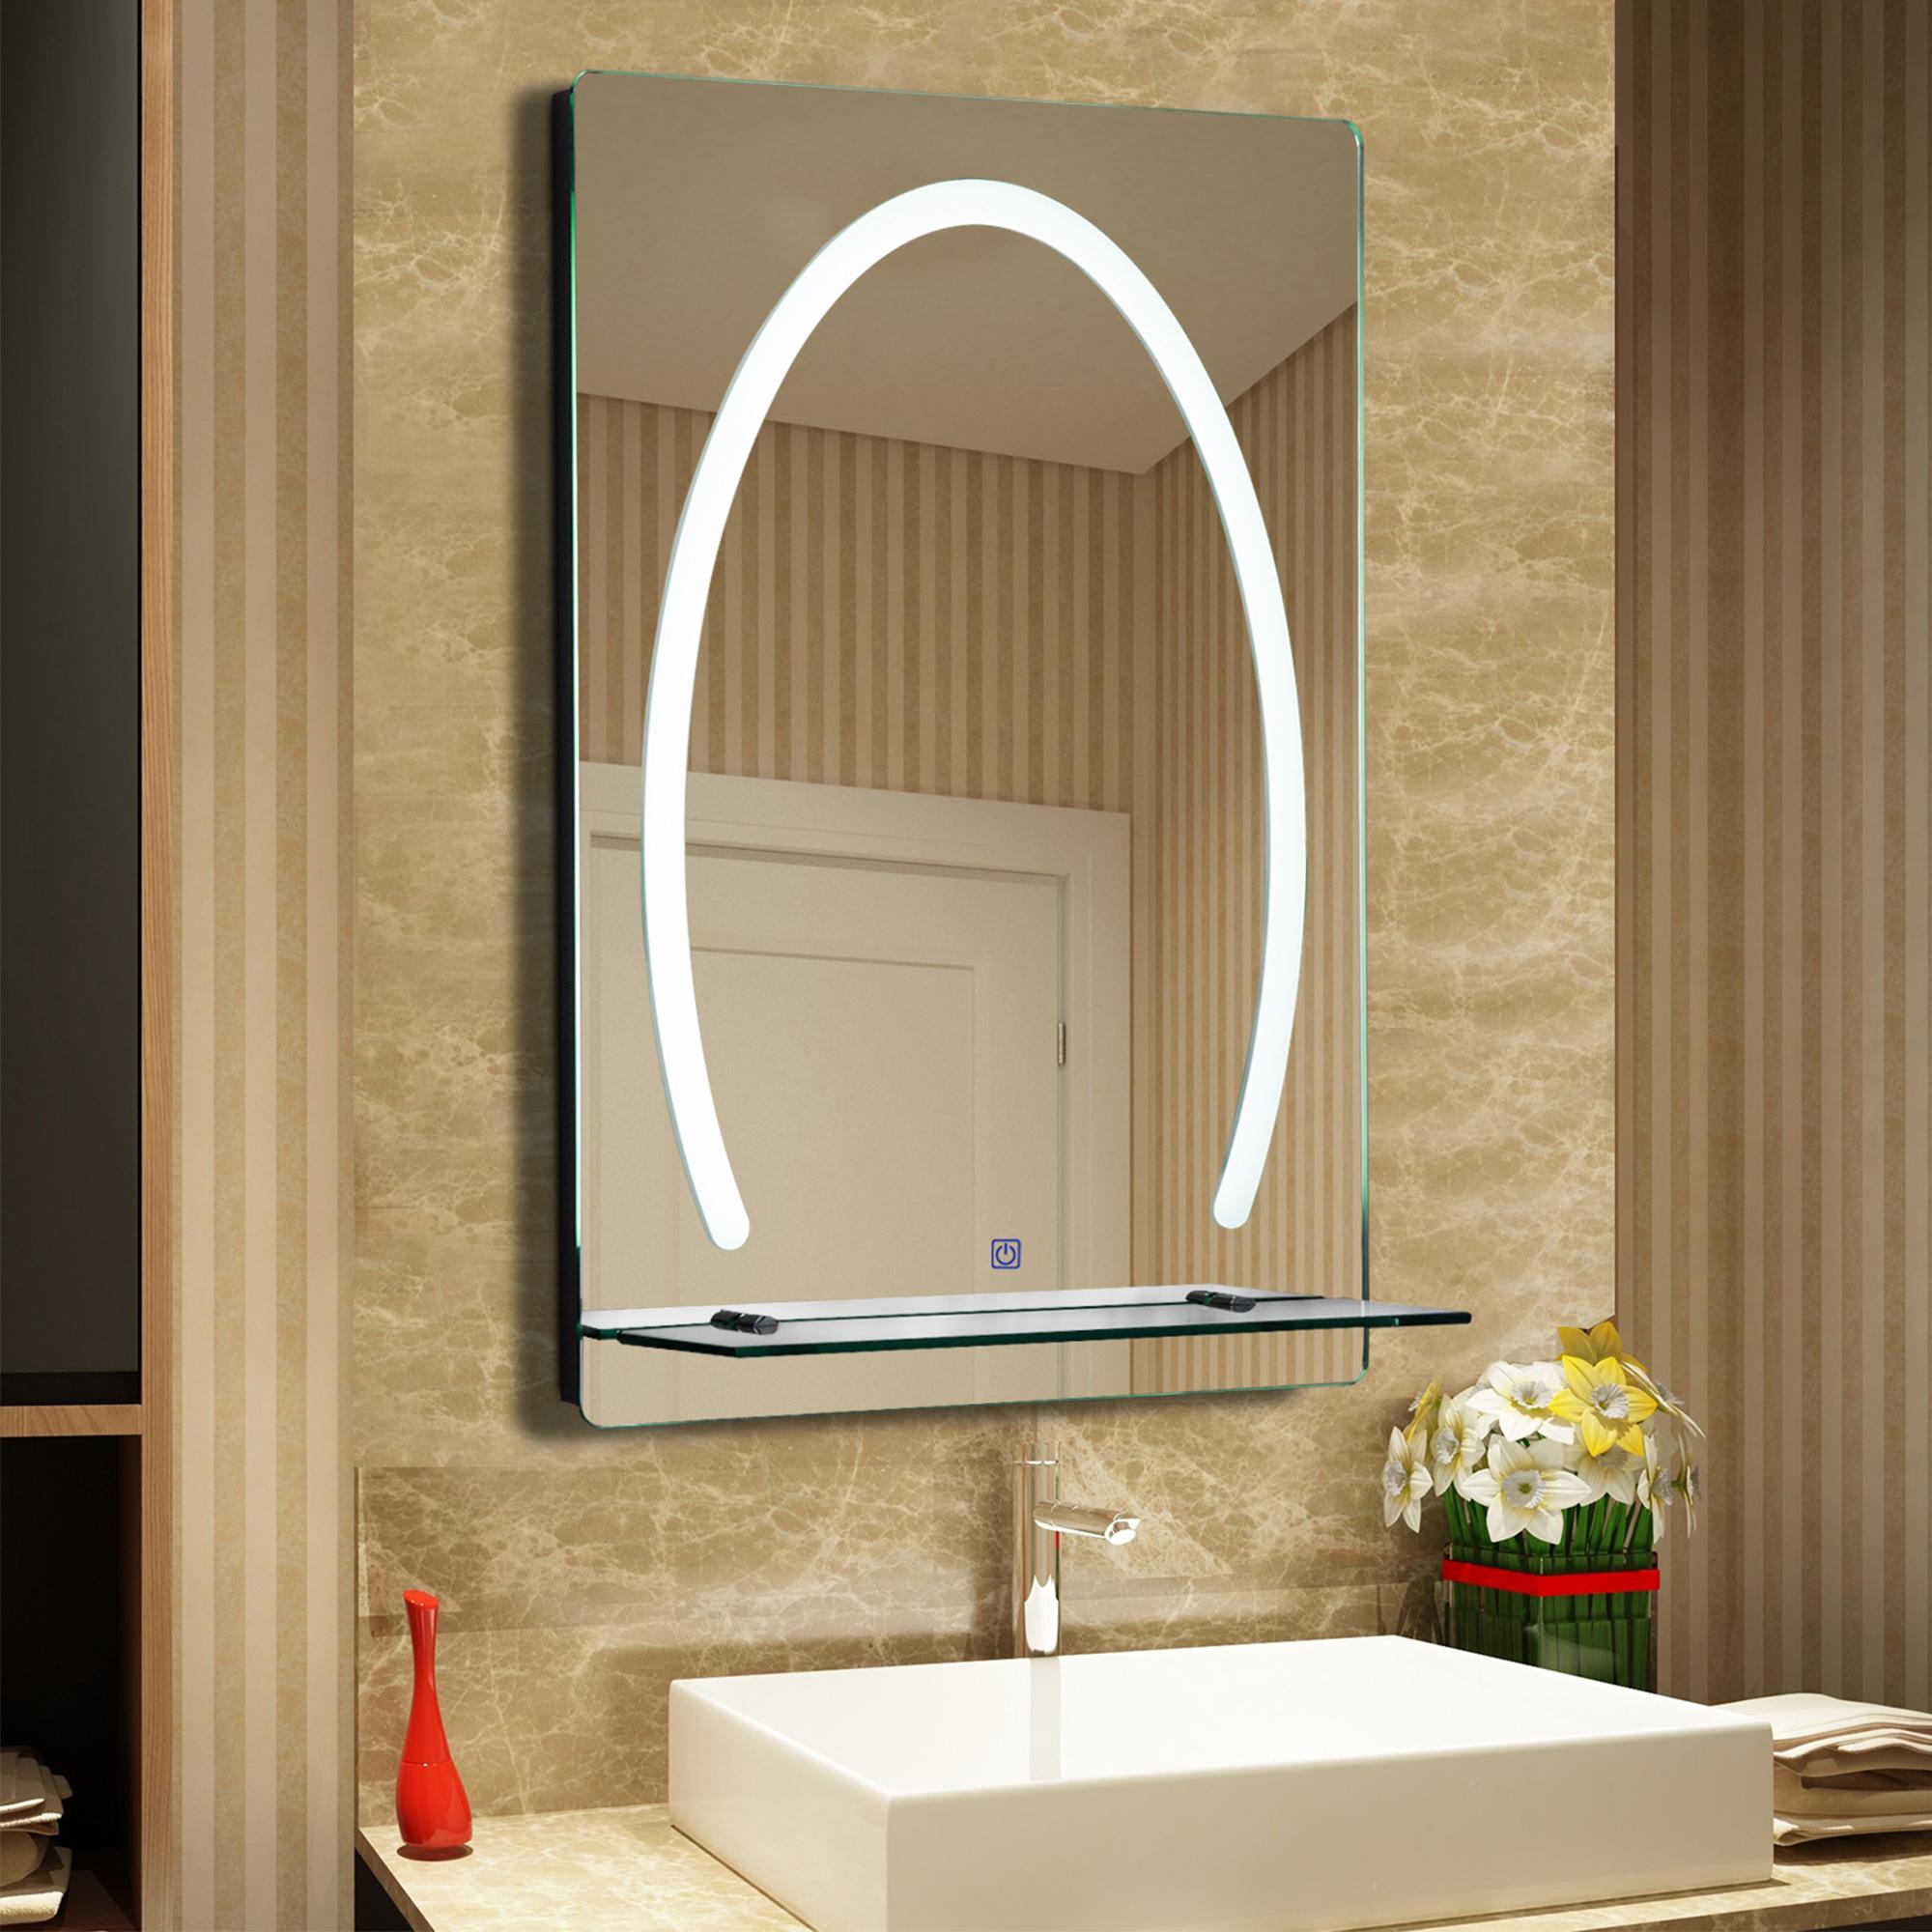 Image of €77,90 kleankin Miroir Lumineux LED Salle de Bain 30 W Interrupteur Tactile Etagère Aluminium 50 x 70 cm / Homcom étagère intégrée 50L 4l 70H 834-139 3662970030073